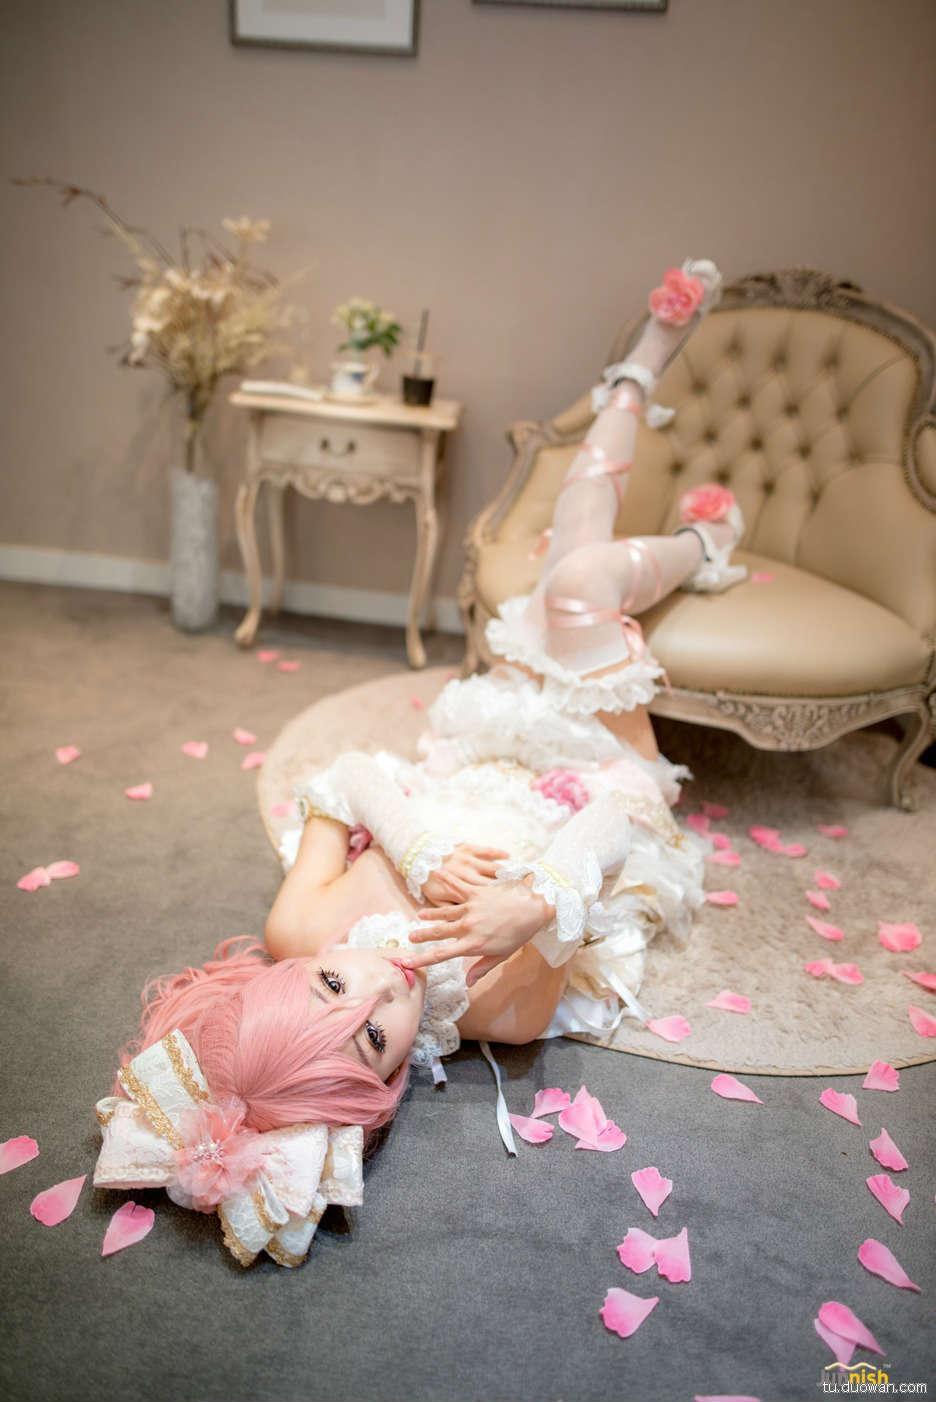 美女图片:天天Cosplay福利图 美女美丽诱惑写真[多图]图片4